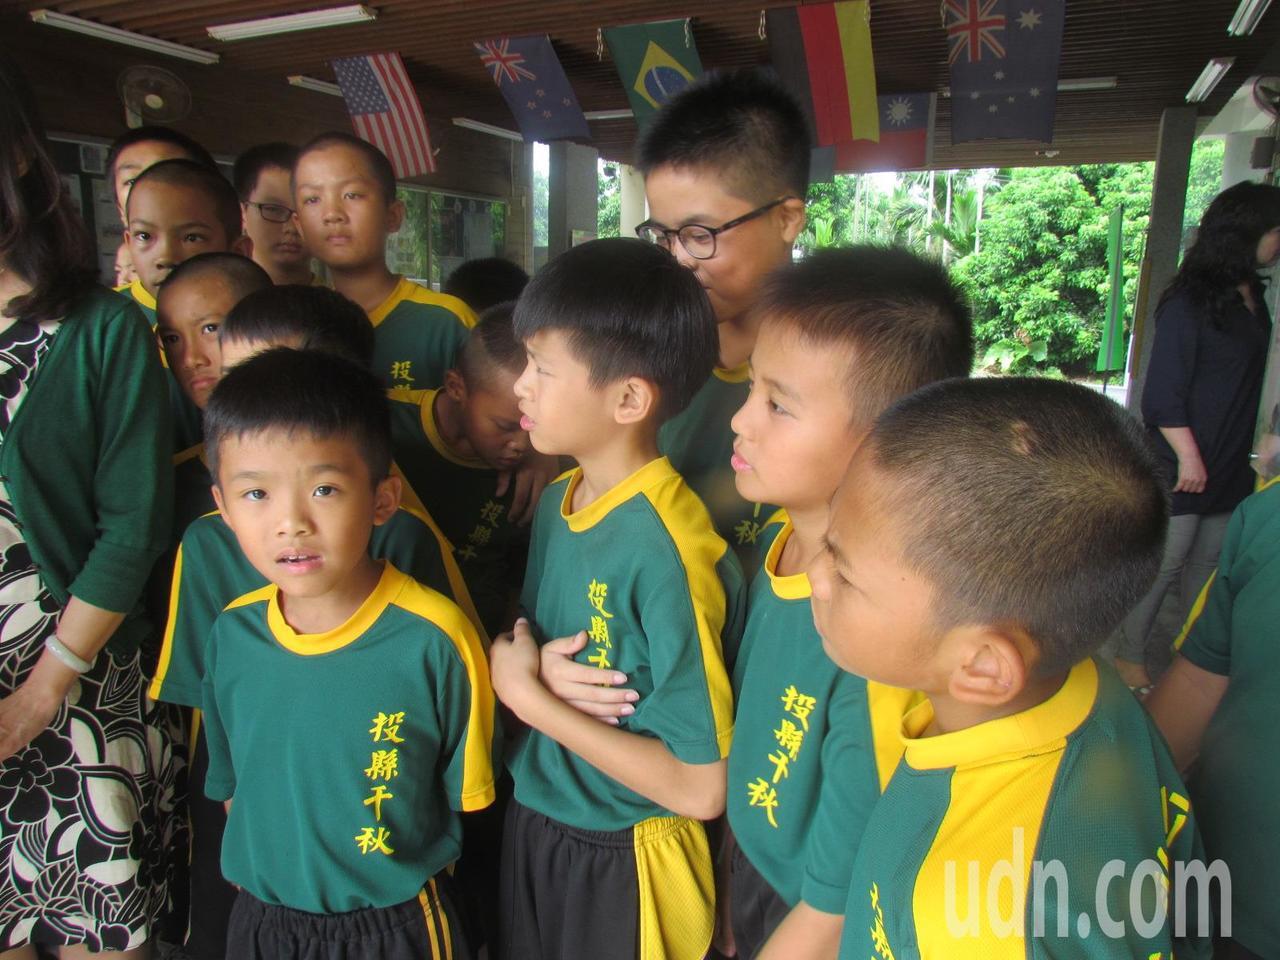 千秋國小少棒隊的社區後援會來訪,小球員都很興奮。記者張家樂/攝影